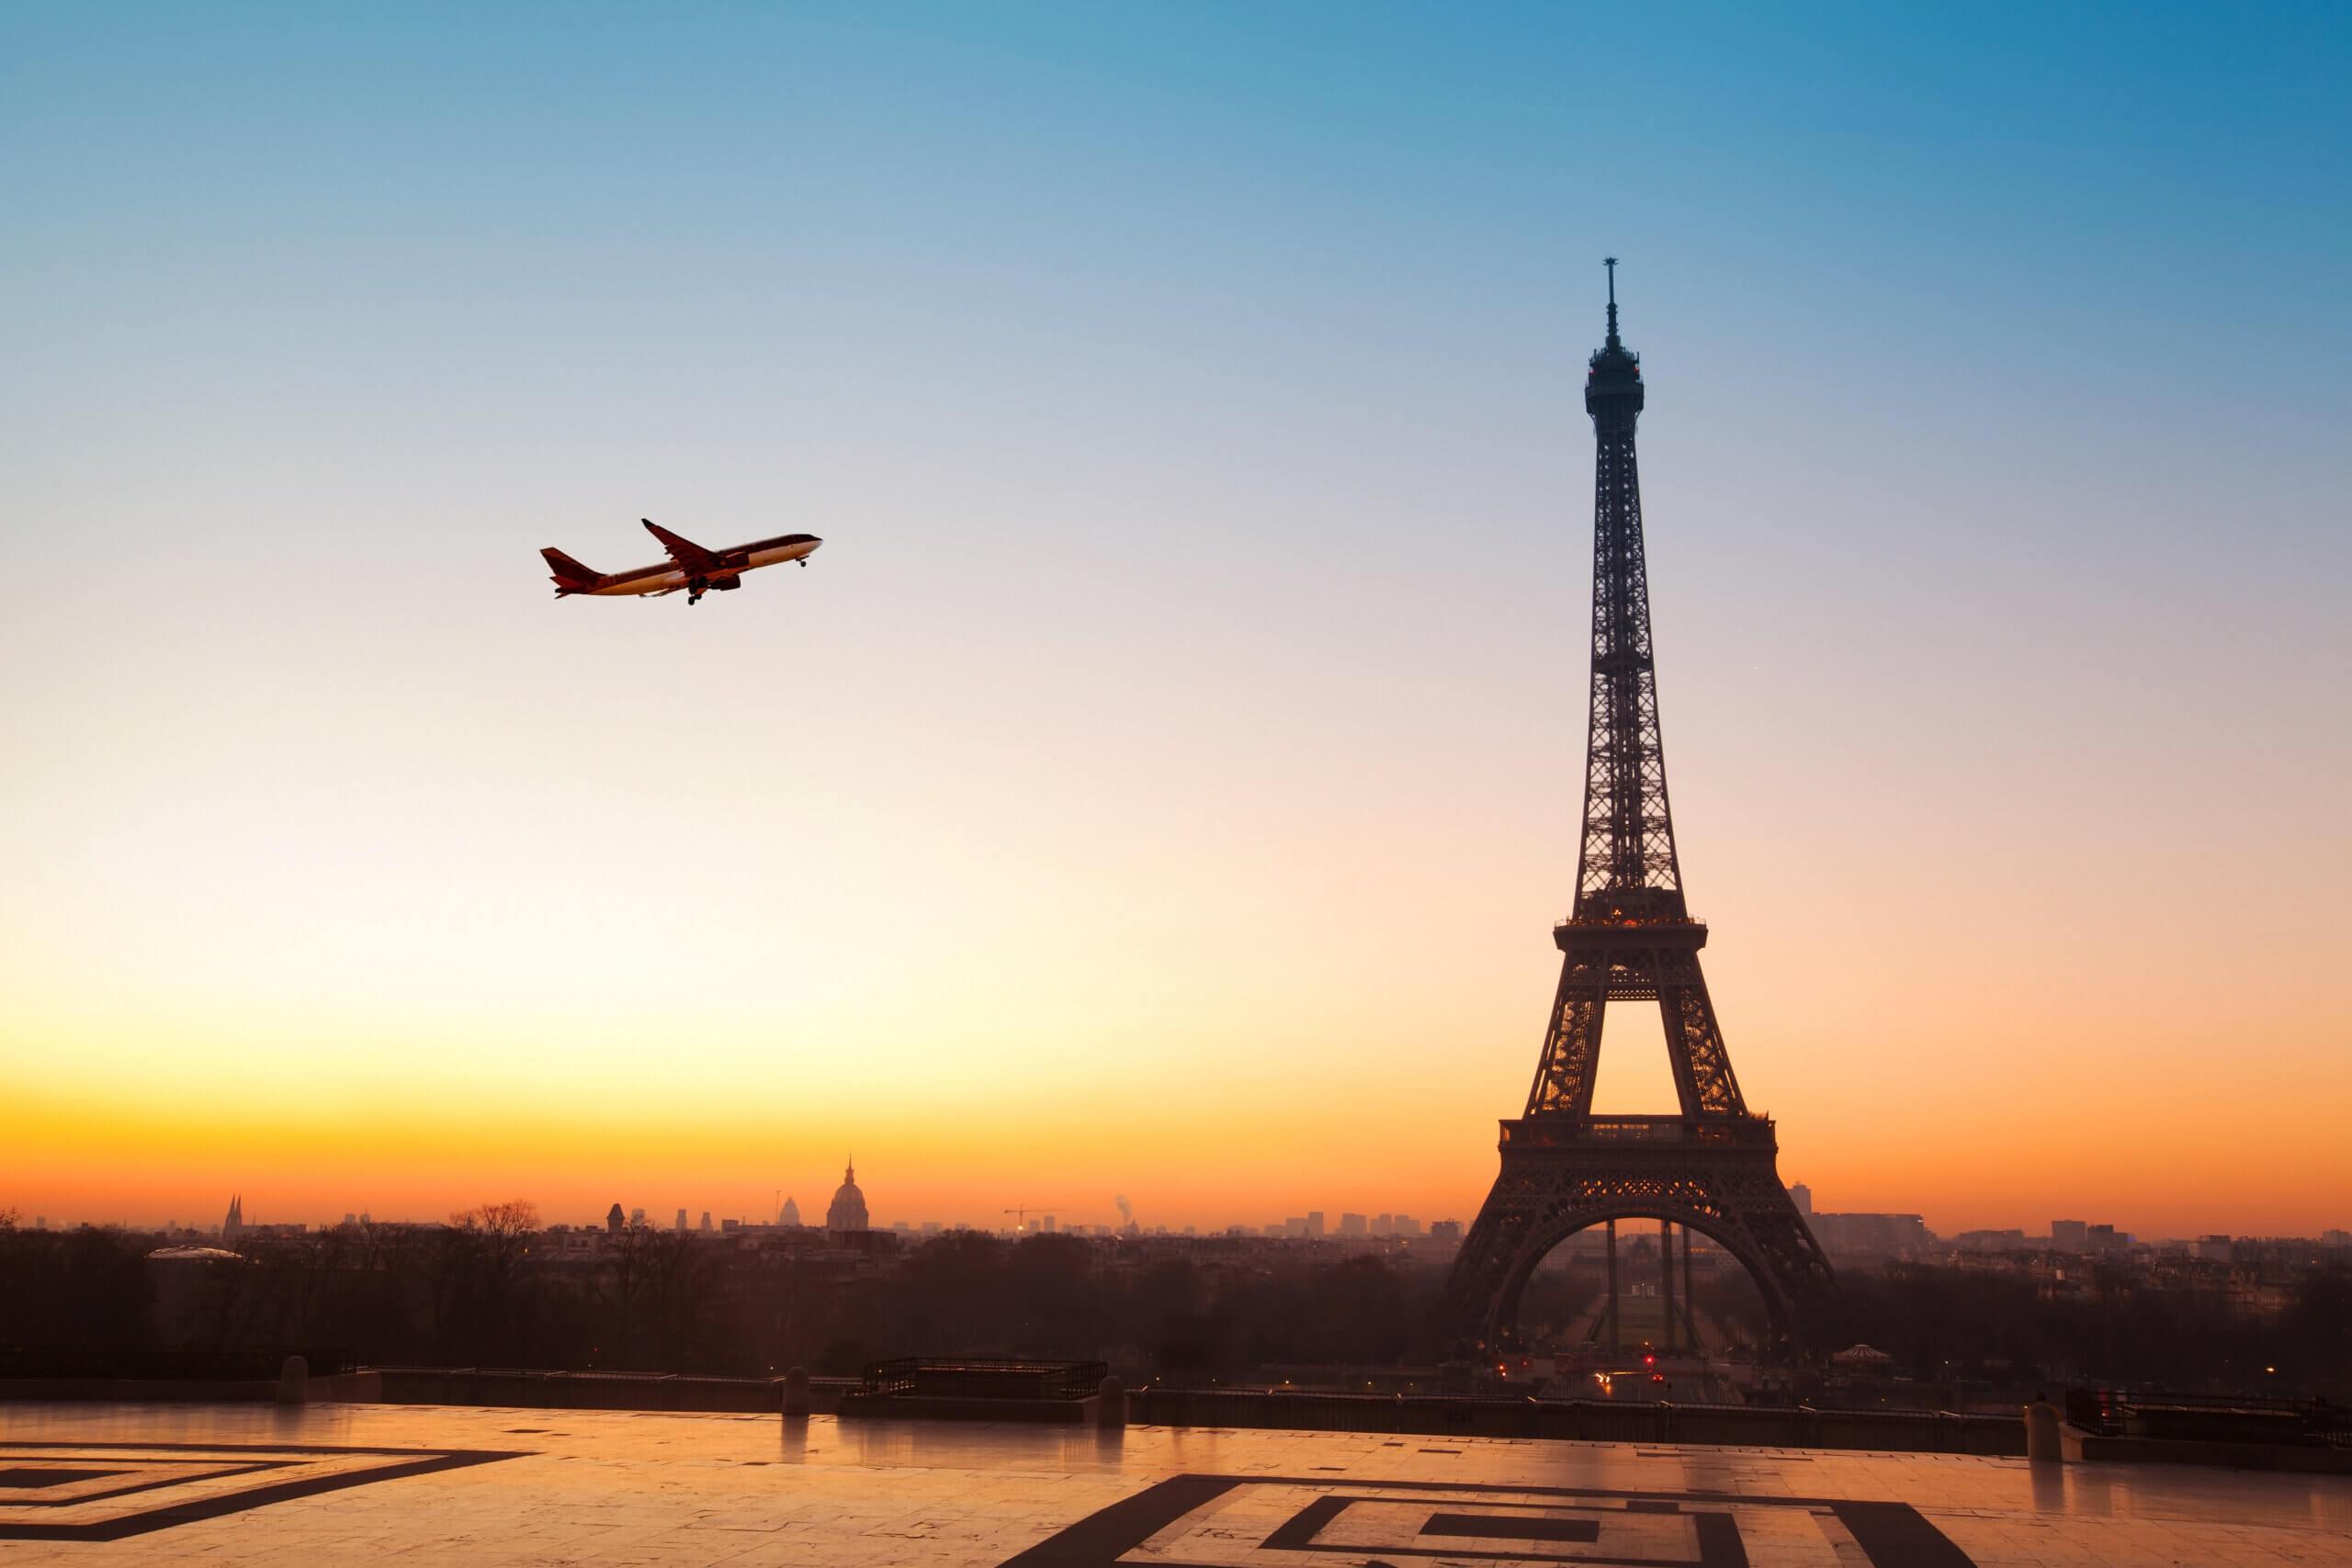 Airbus, Air Liquide und VINCI Airport planen ersten Wasserstoff Flughafen bis 2023